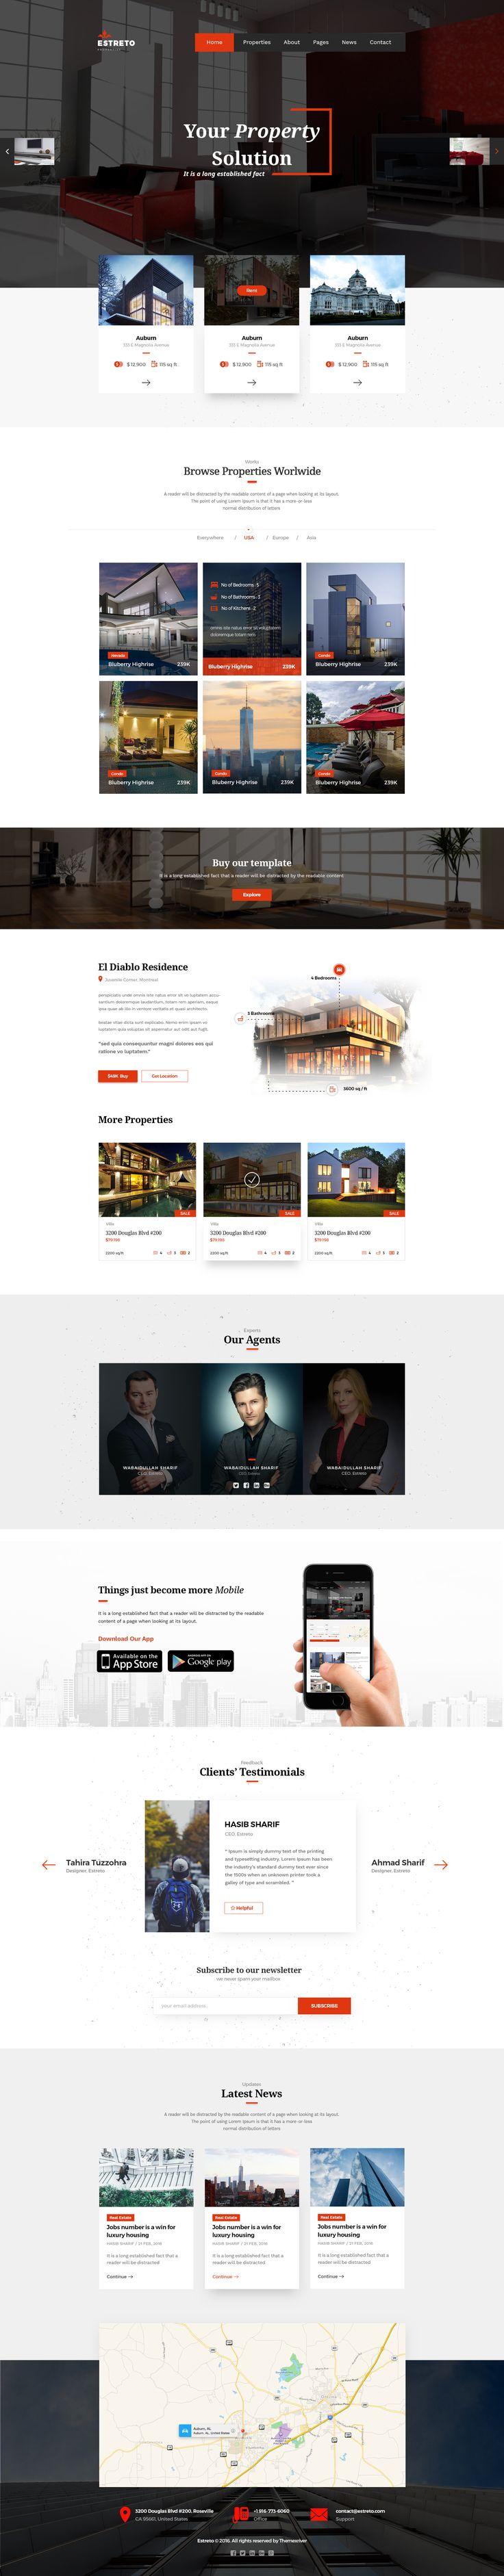 Estreto Real Estate Property Architecture u0026